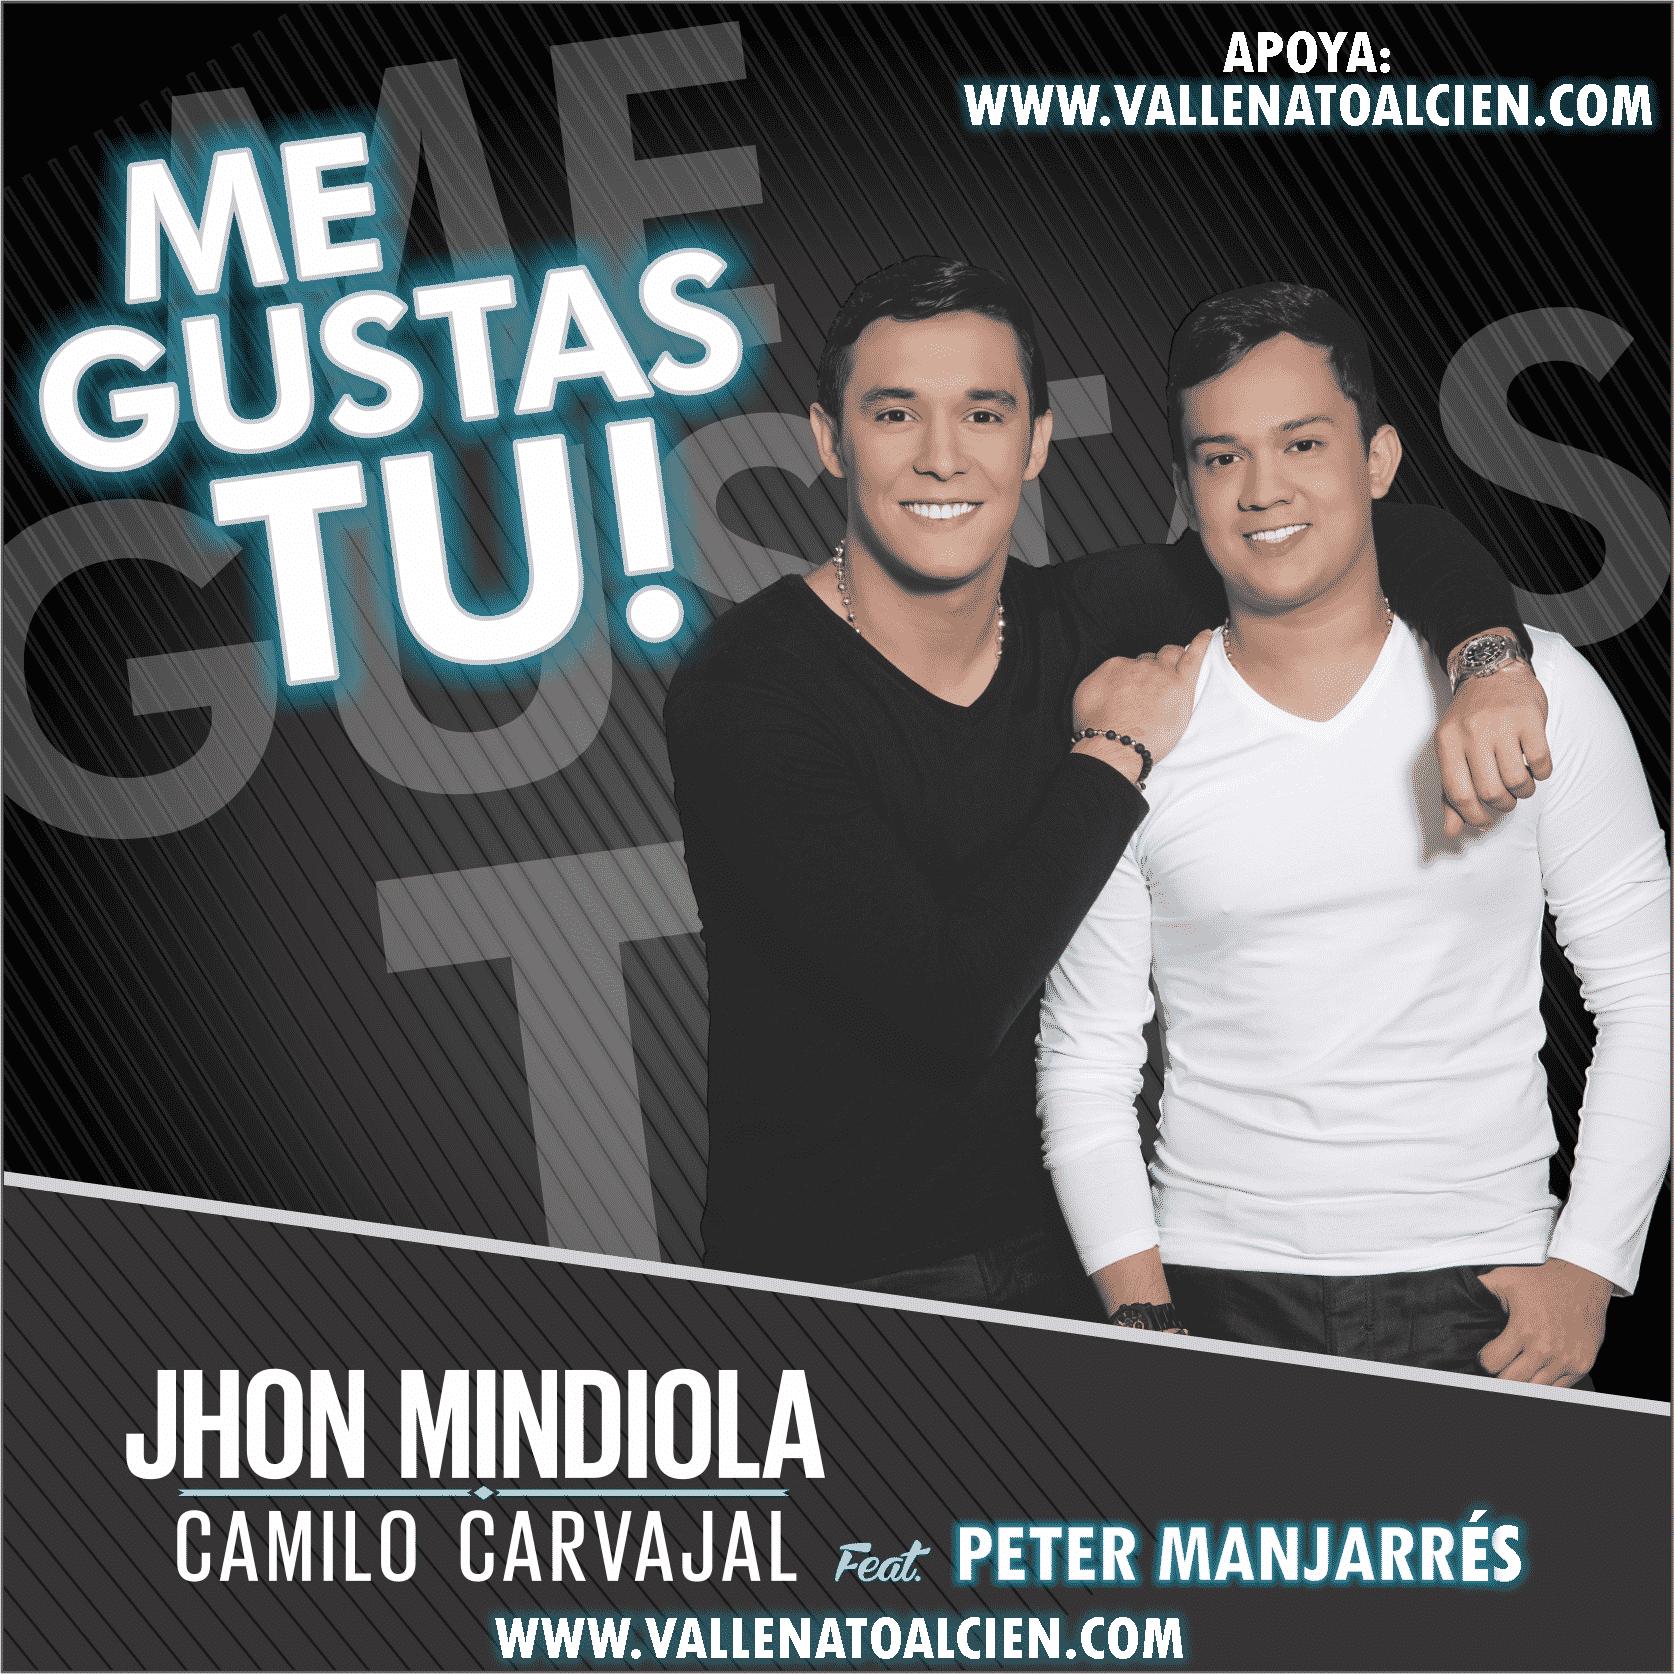 Me gustas tú Jhon Mindiola y Camilo Carvajal